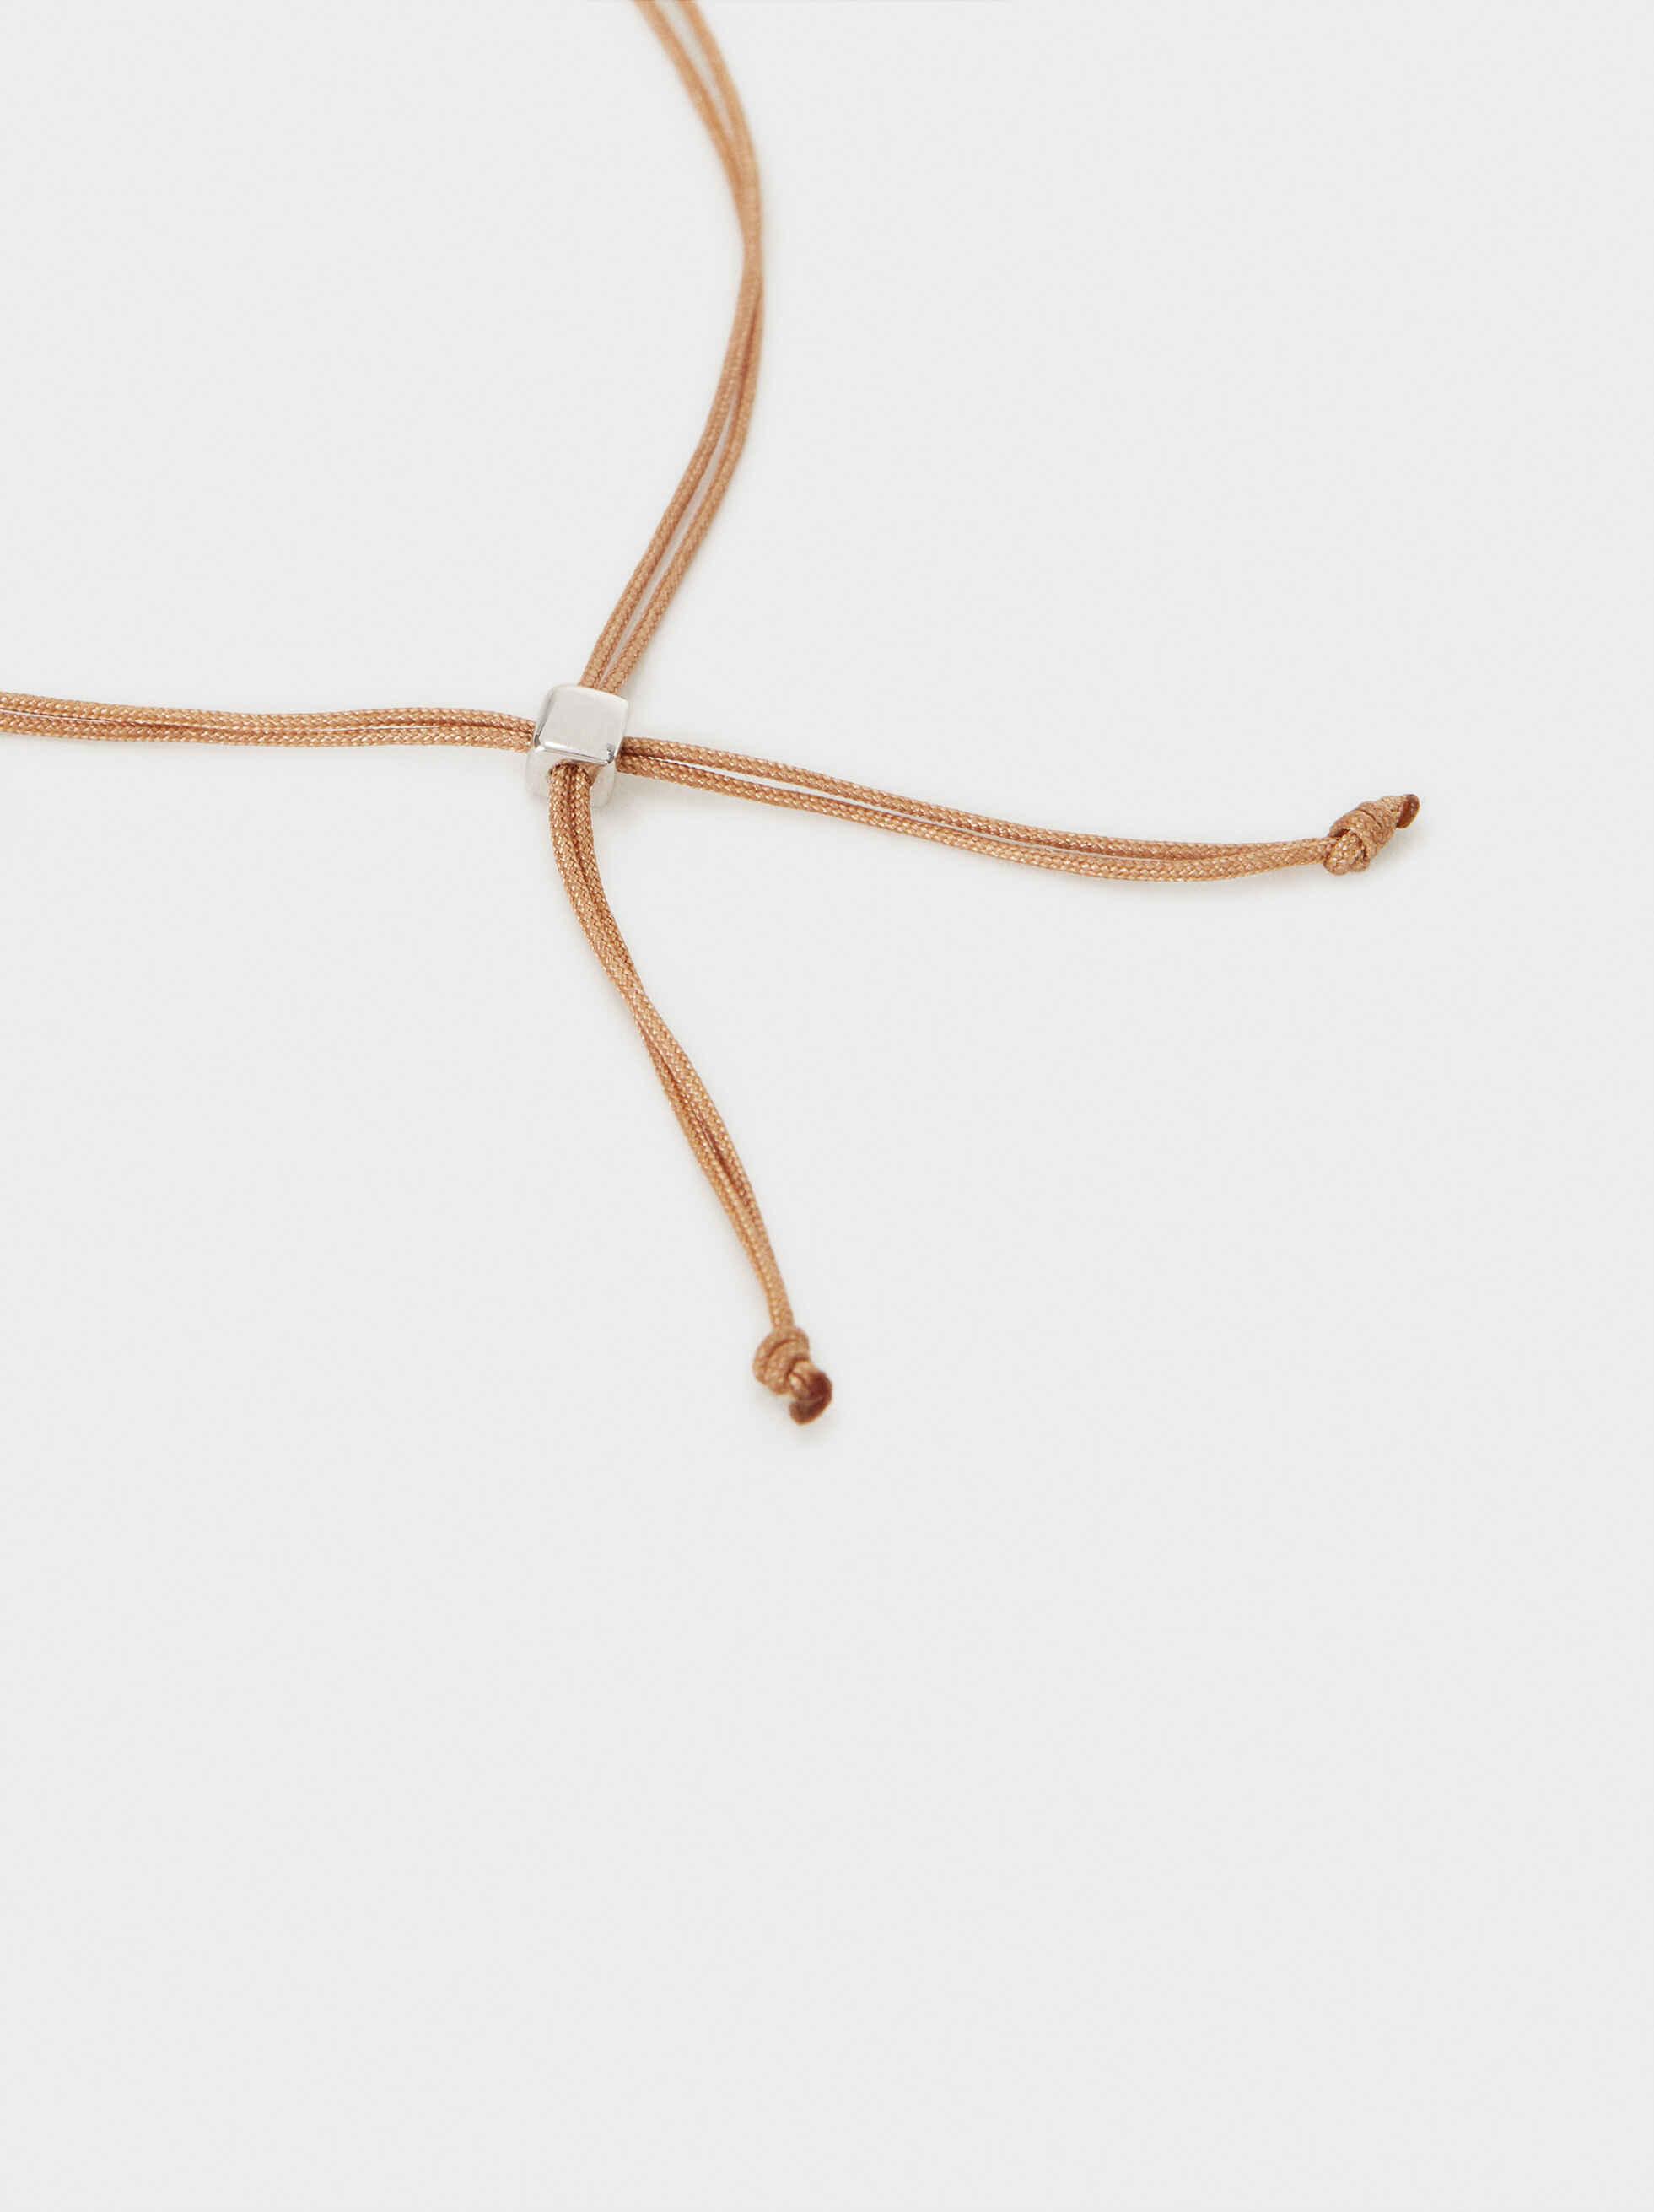 925 Silver Adjustable Bracelet With Stone, Beige, hi-res